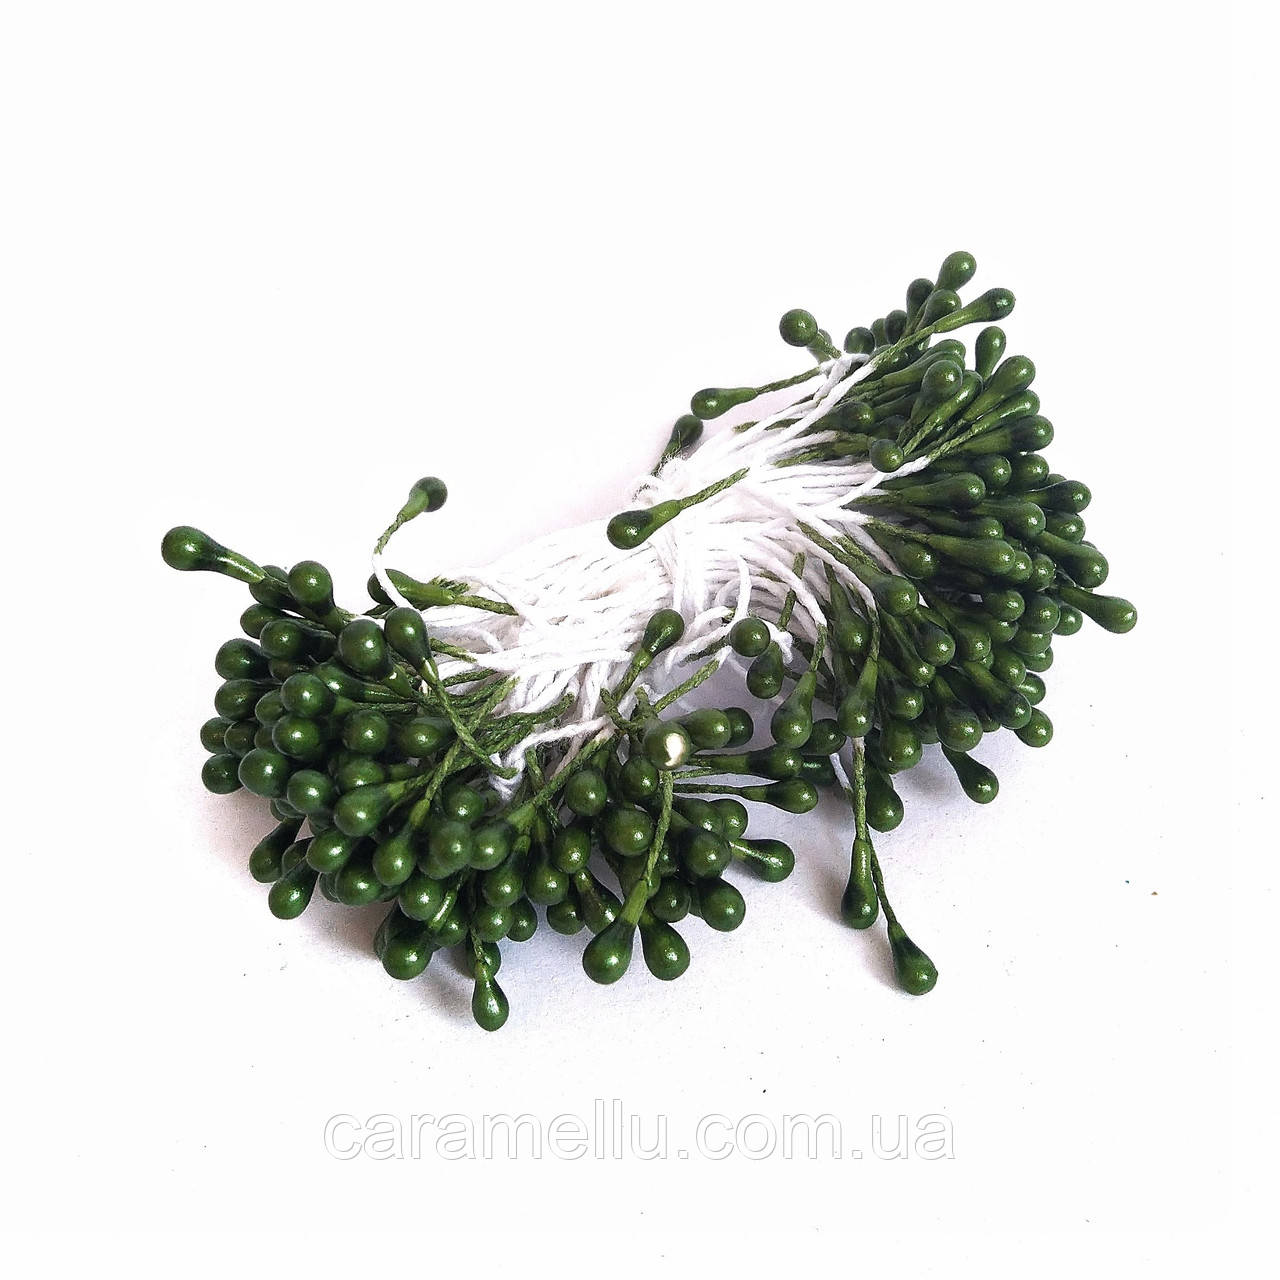 Тычинки глянцевые на нитке 100 штук(200 головок). Цвет  темно-зеленый